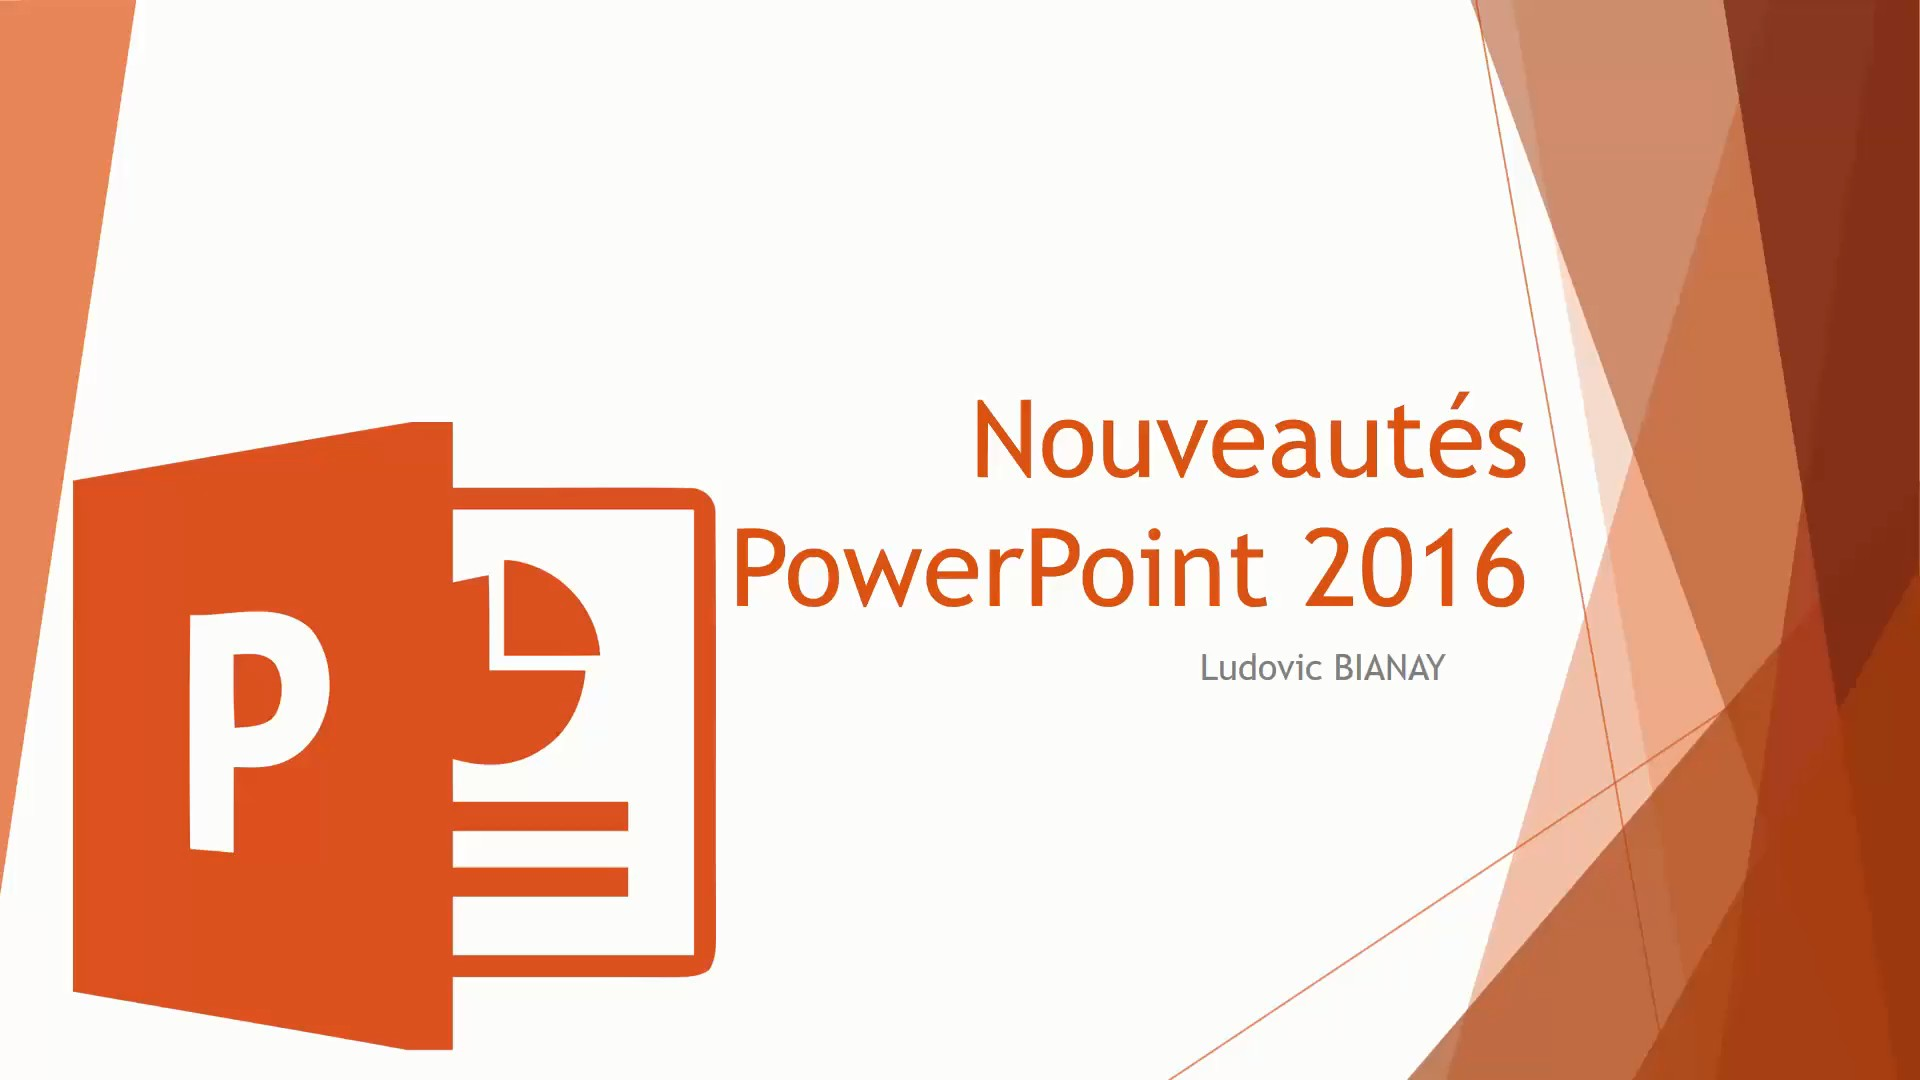 TUTO Nouveautés PowerPoint 2016 avec PowerPoint 2016 sur Tuto.com